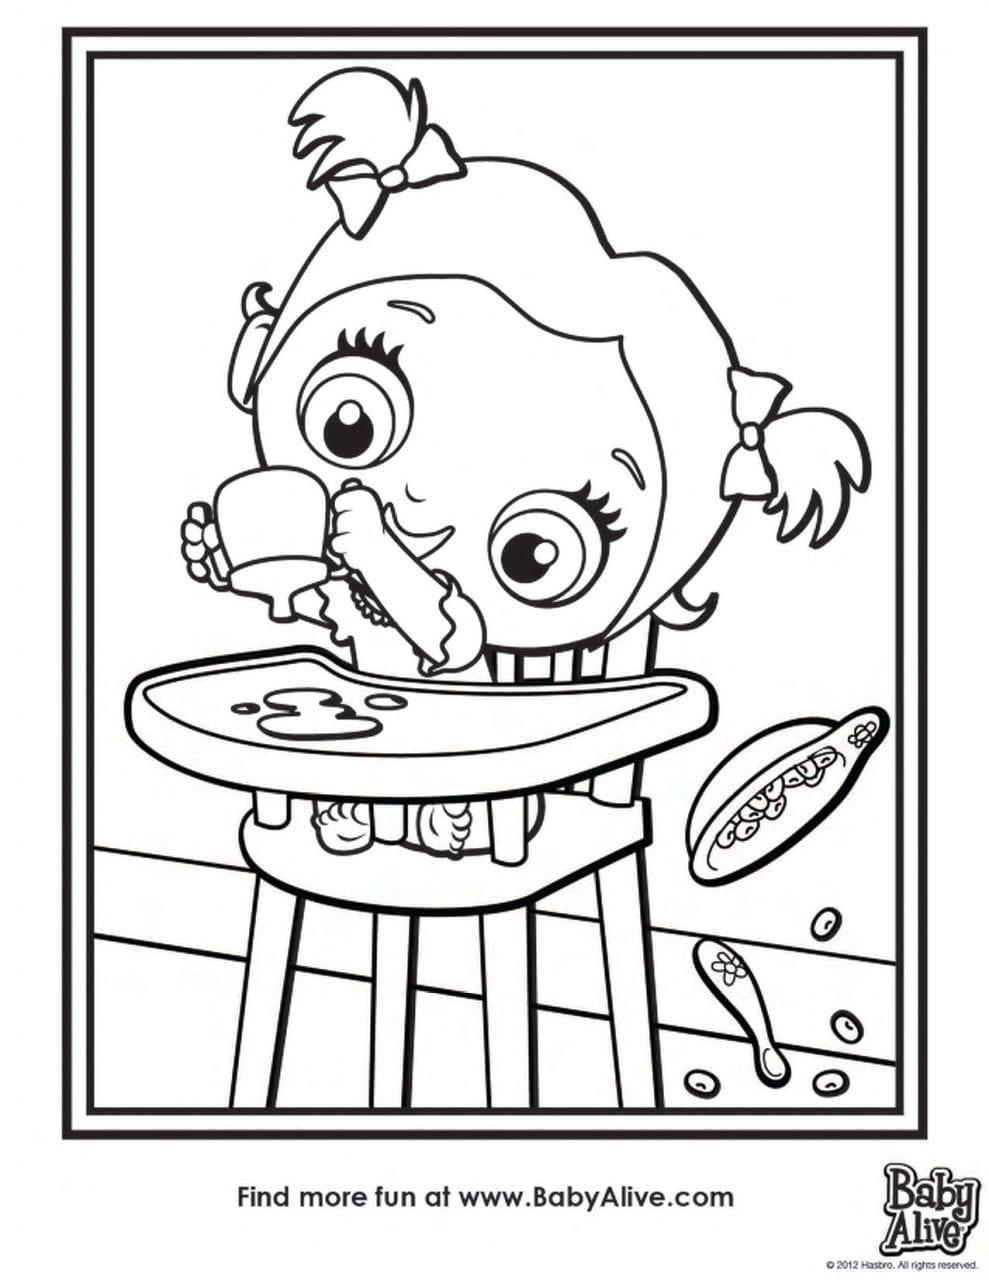 Encantador Imprimible Simba Para Colorear Viñeta - Dibujos Para ...